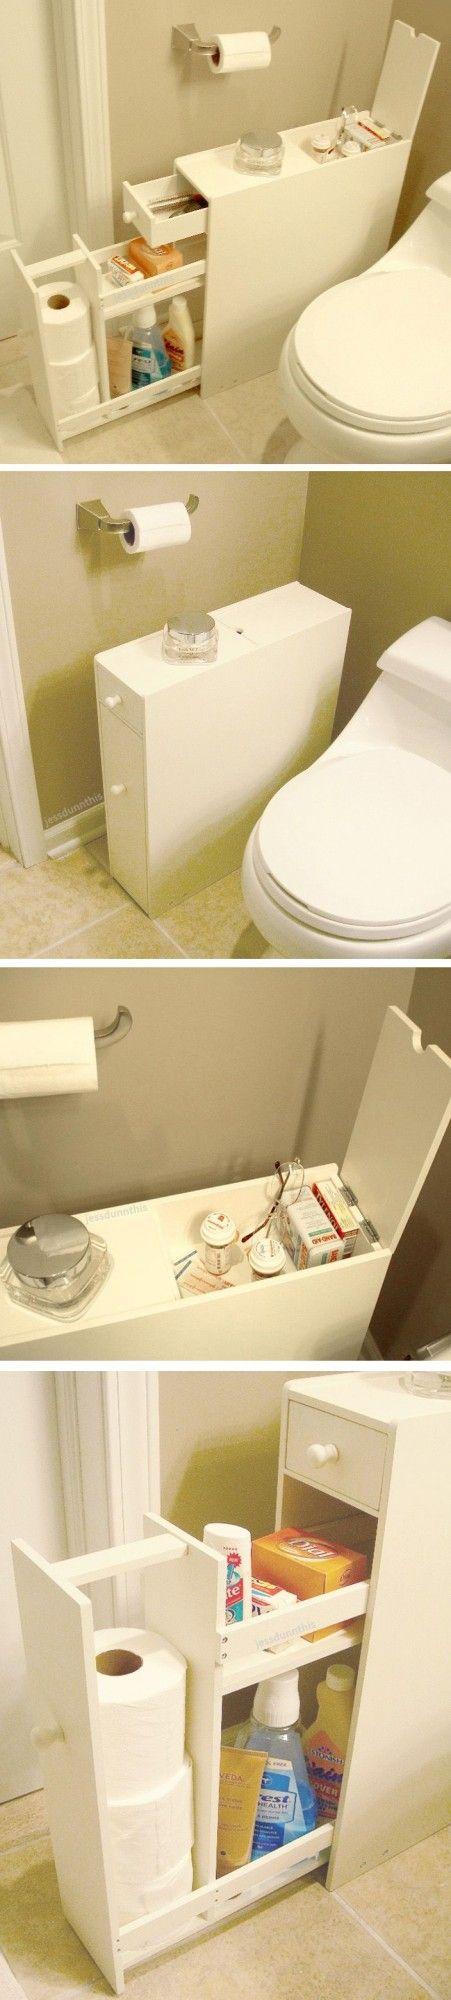 http://credito.digimkts.com Alguien está listo para ayudarle con su mal crédito. Llame ahora. (844) 897-3018 Top 25 The Best DIY Small Bathroom Storage Ideas That Will Fascinate You